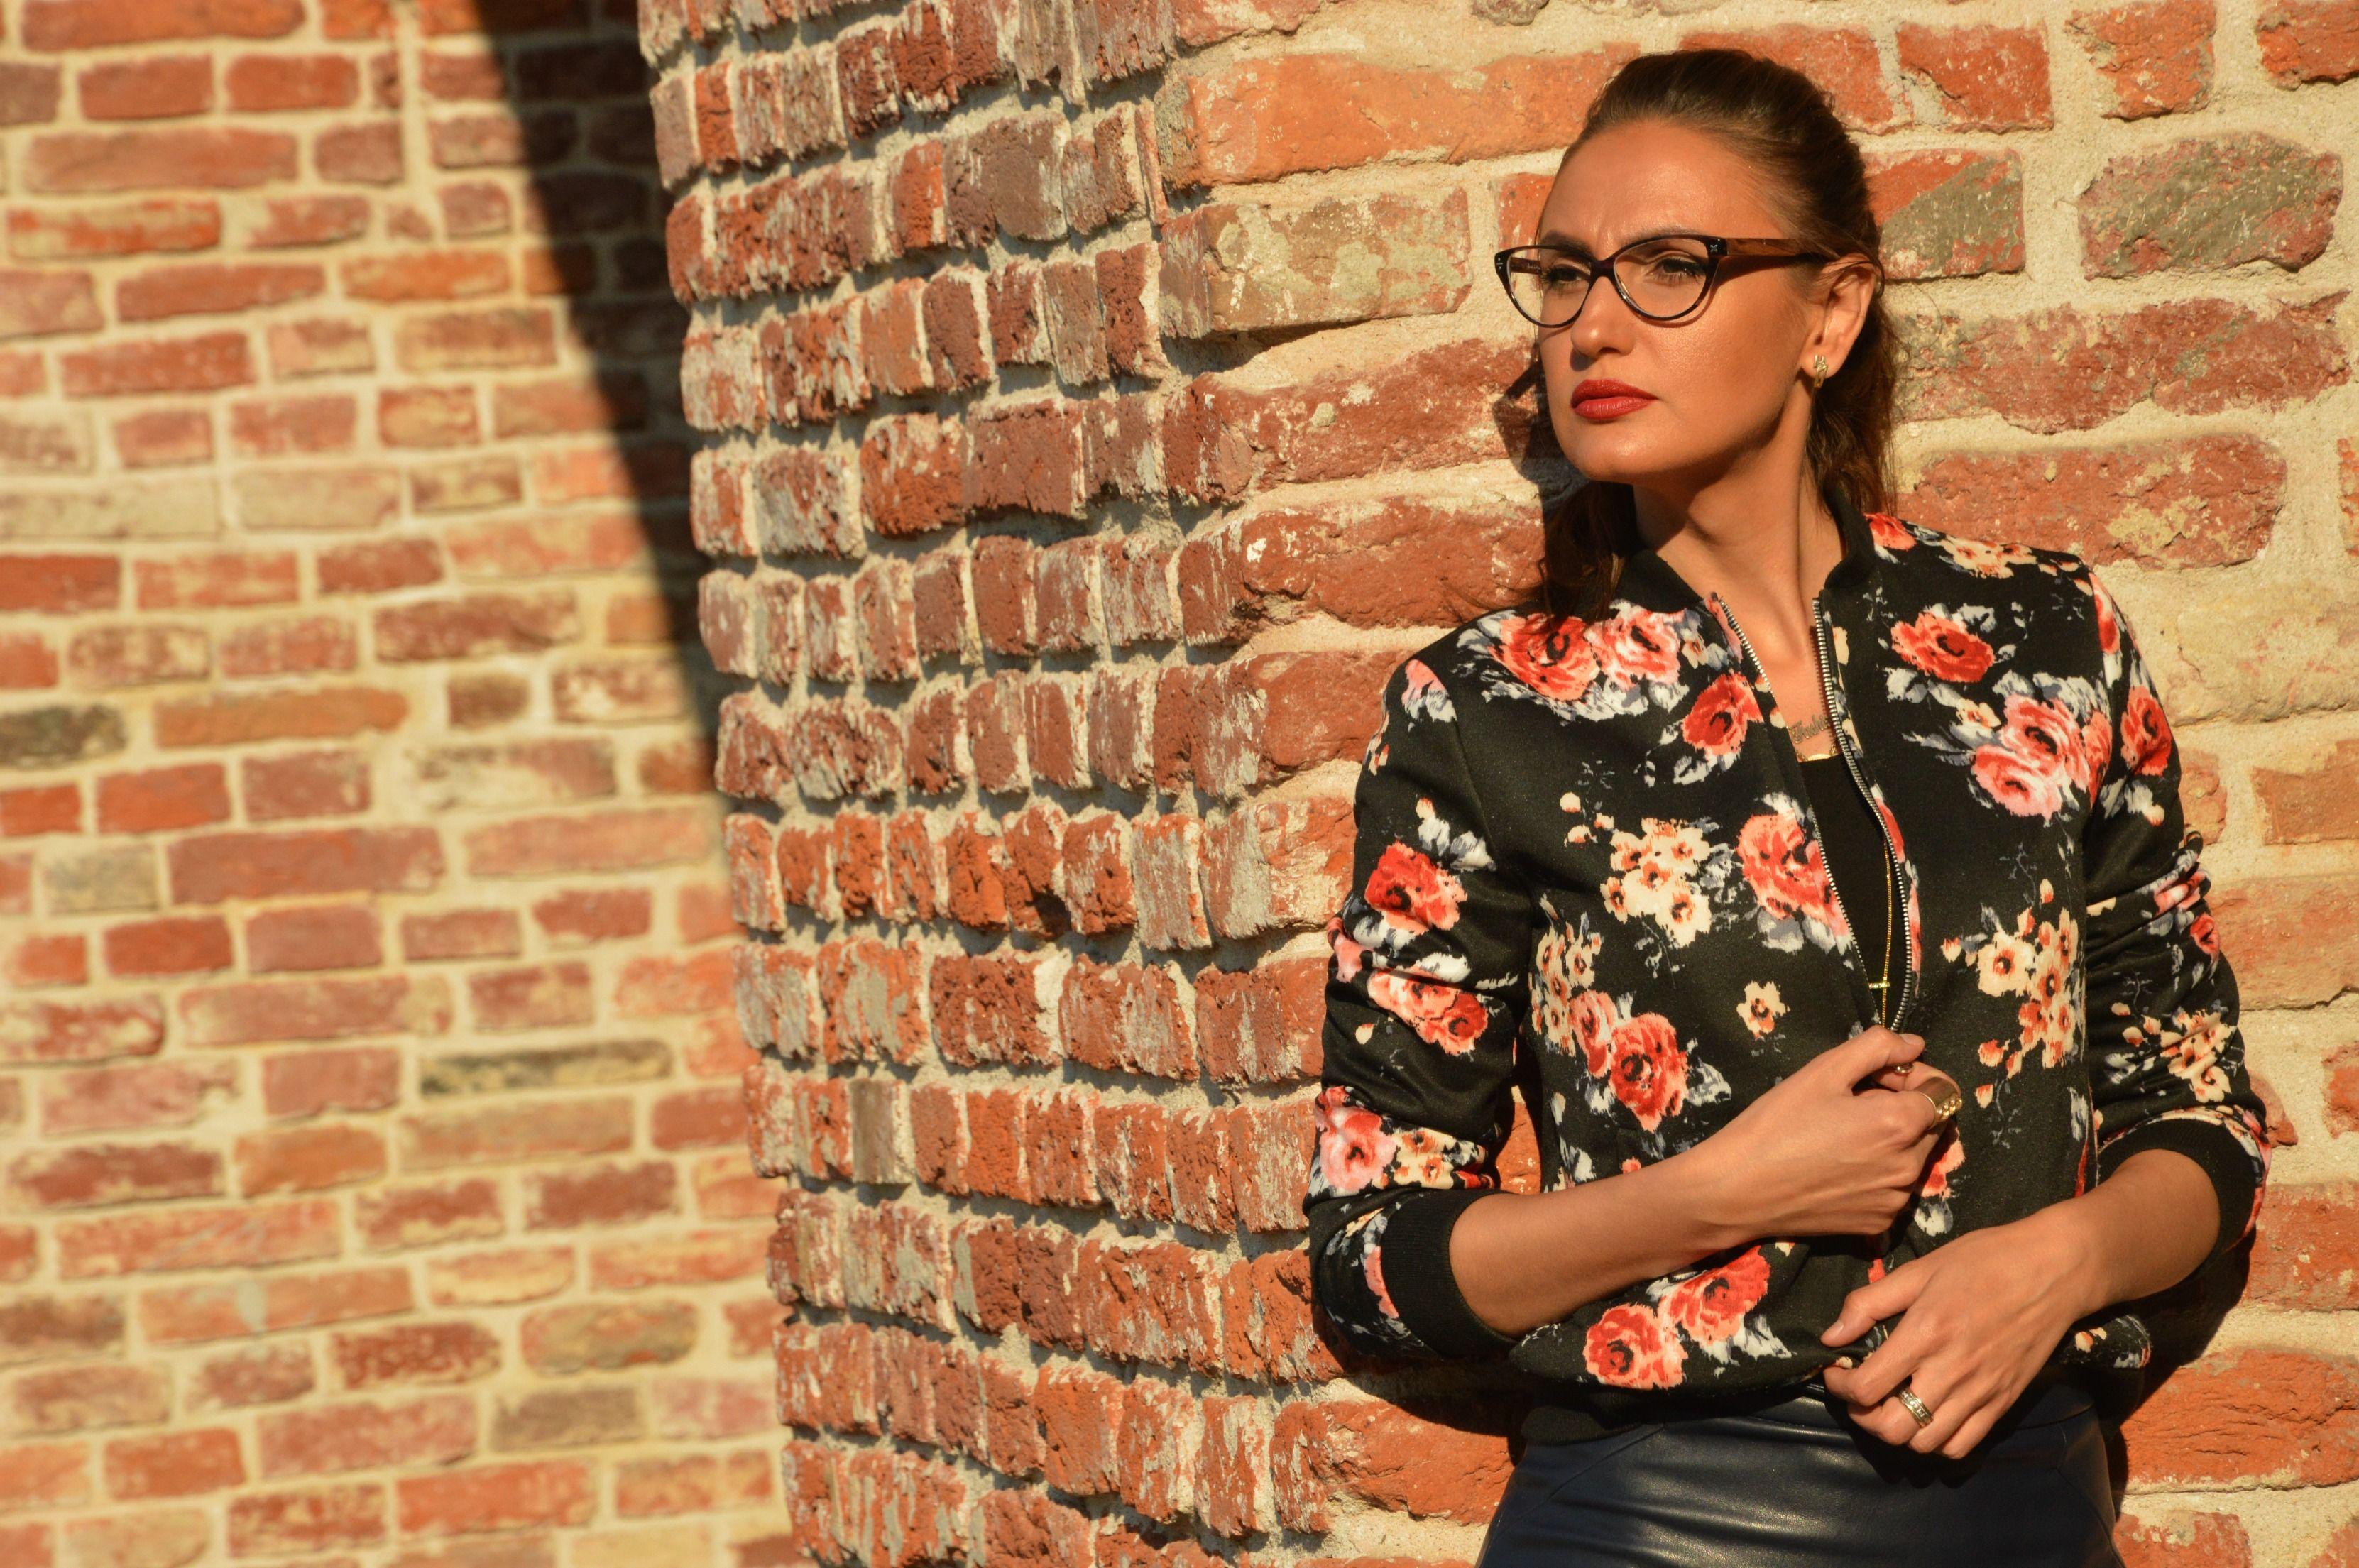 Lensway Cat-eye glasses post now on blog: http://bit.ly/1dkHkpA #stylepost #fashion #blogger #eyewear #derekcardigan #lenswayeyewear